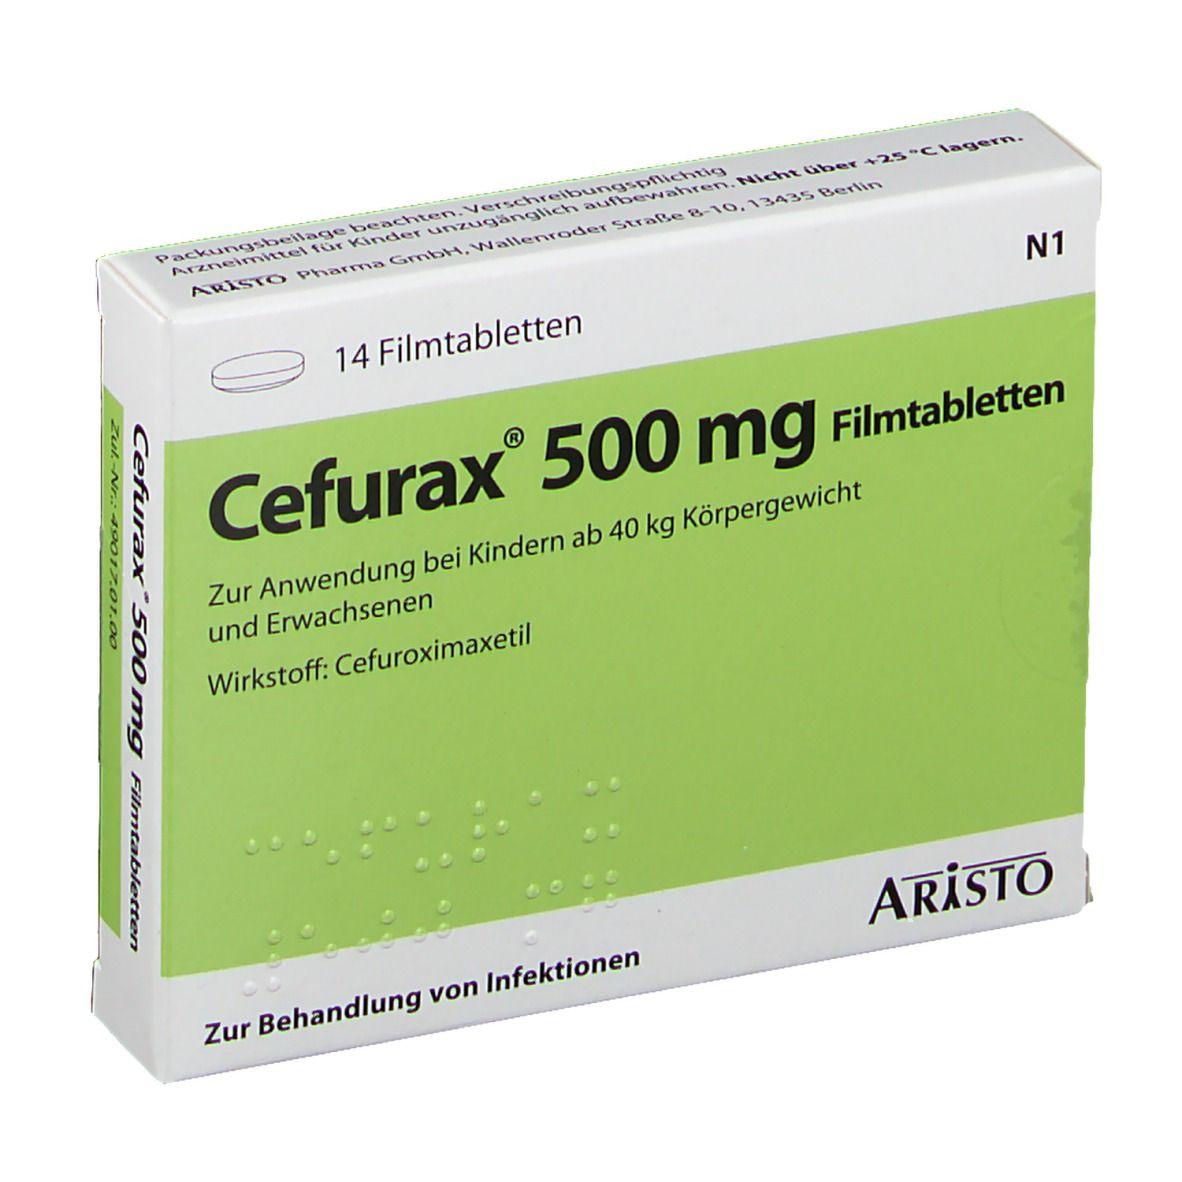 CEFURAX 500 mg Filmtabletten 14 St - shop-apotheke.com